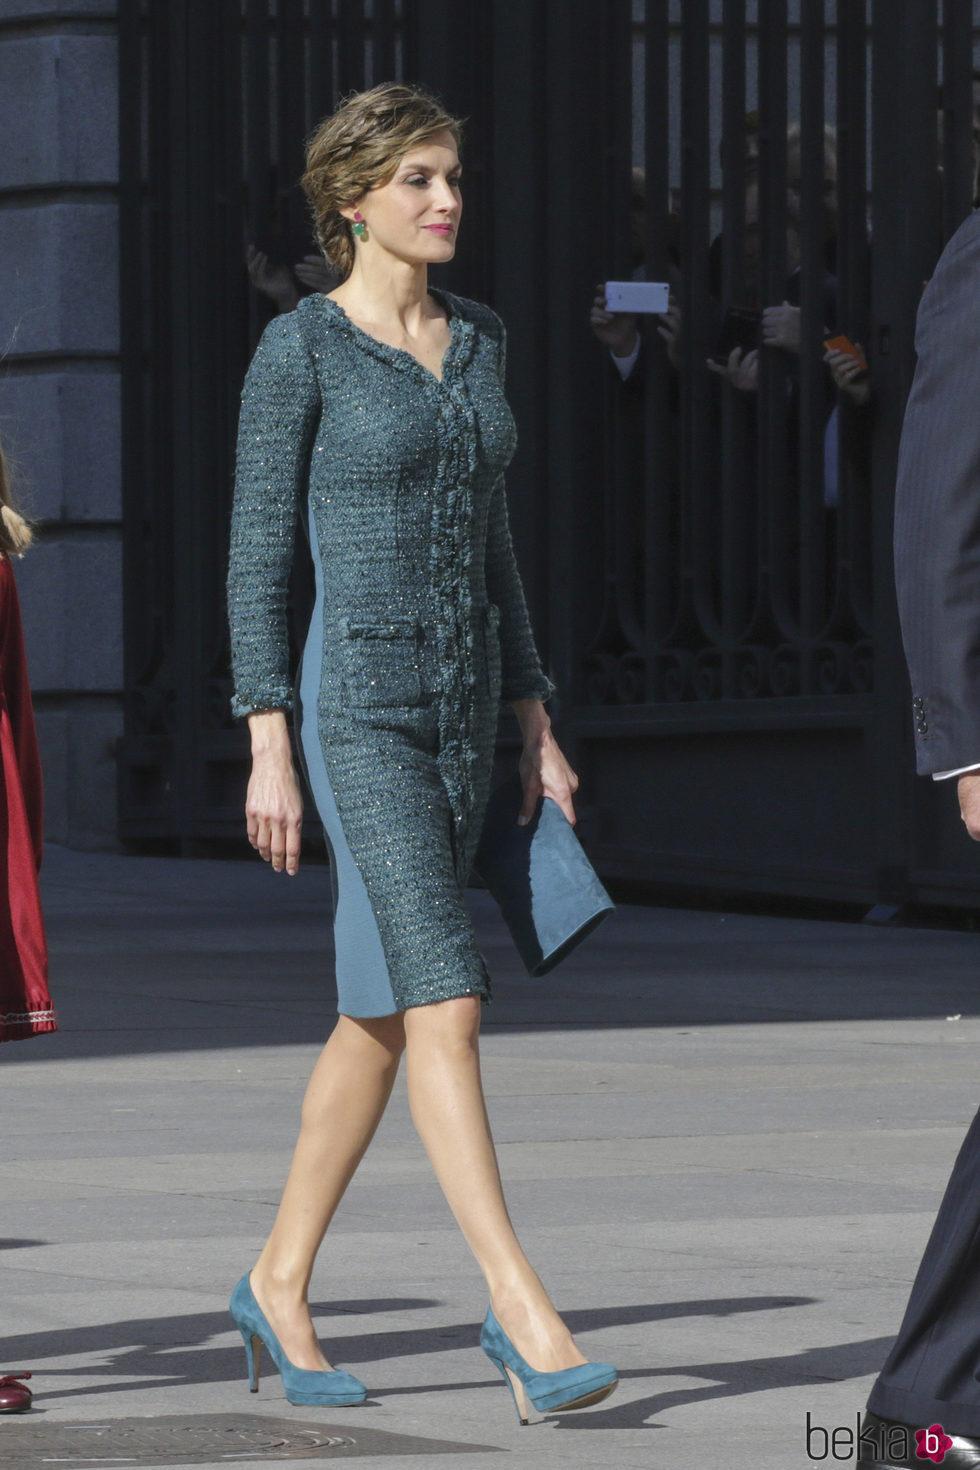 La Reina Letizia con un vestido de tweed verde en la Apertura de la XII Legislatura